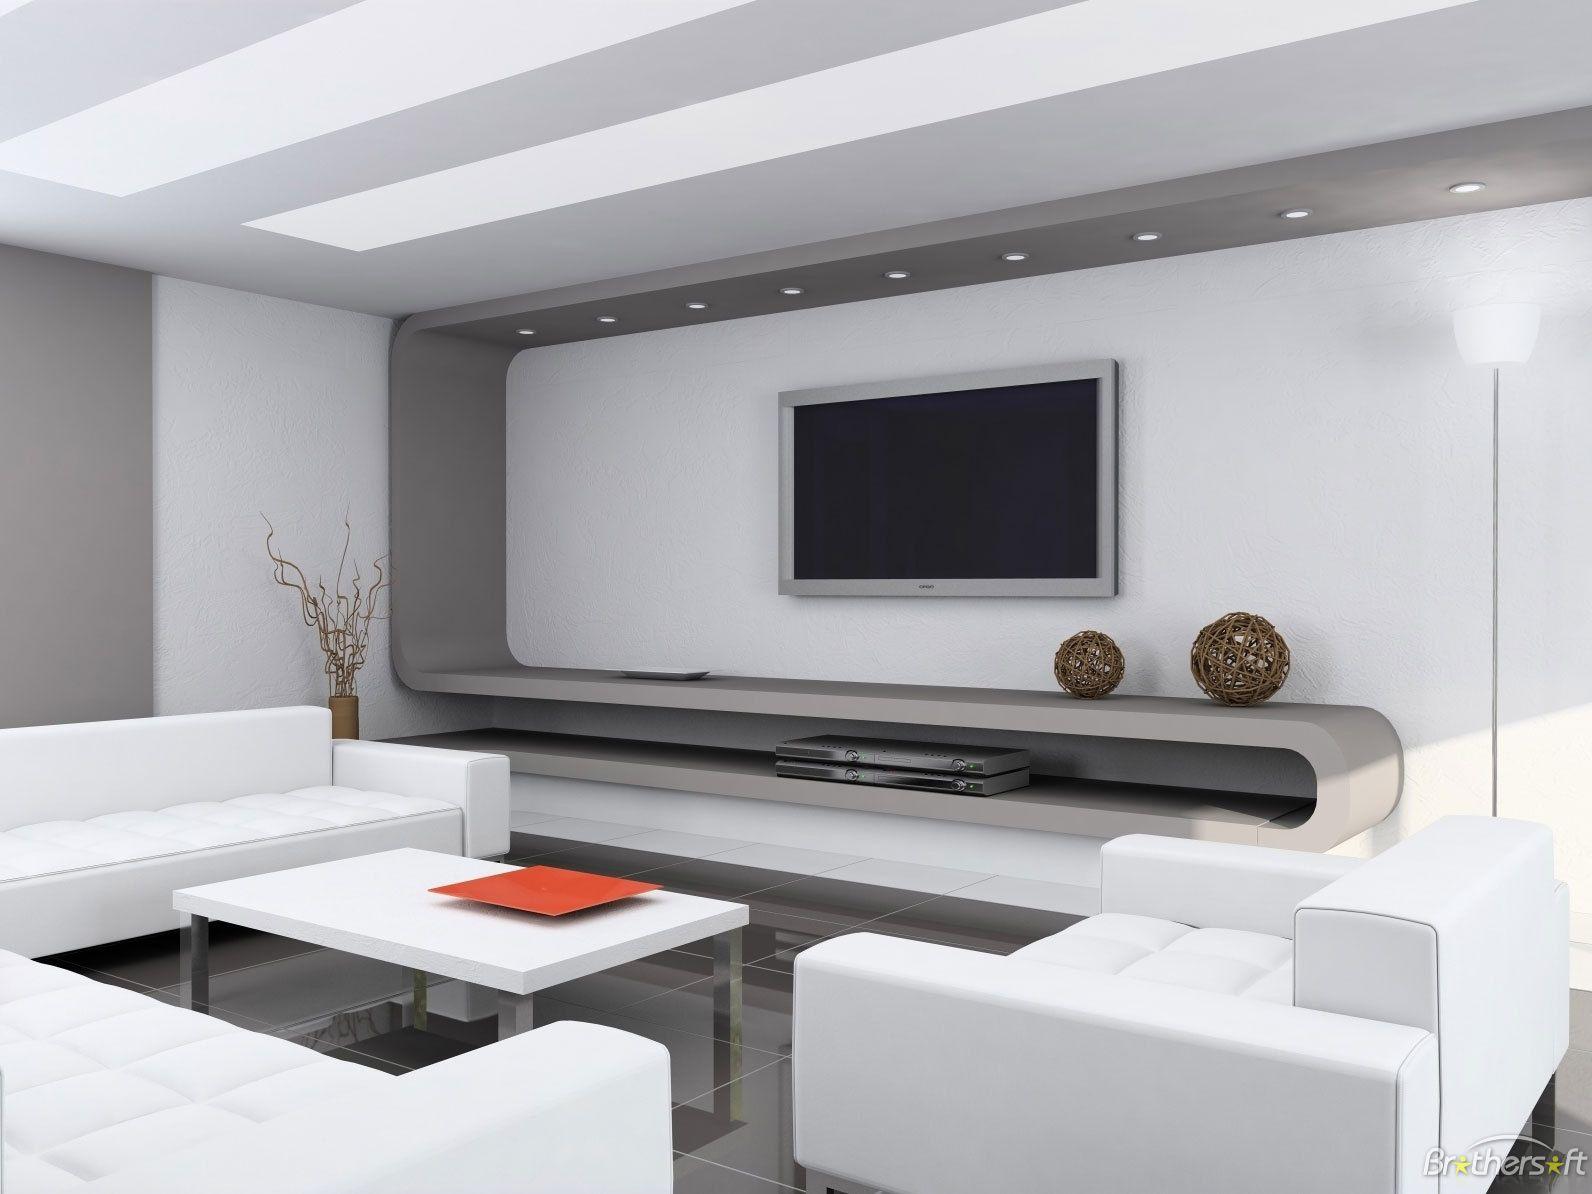 Badezimmer ideen dekor klein schöne innenraum dekoration ideen  mehr auf unserer website